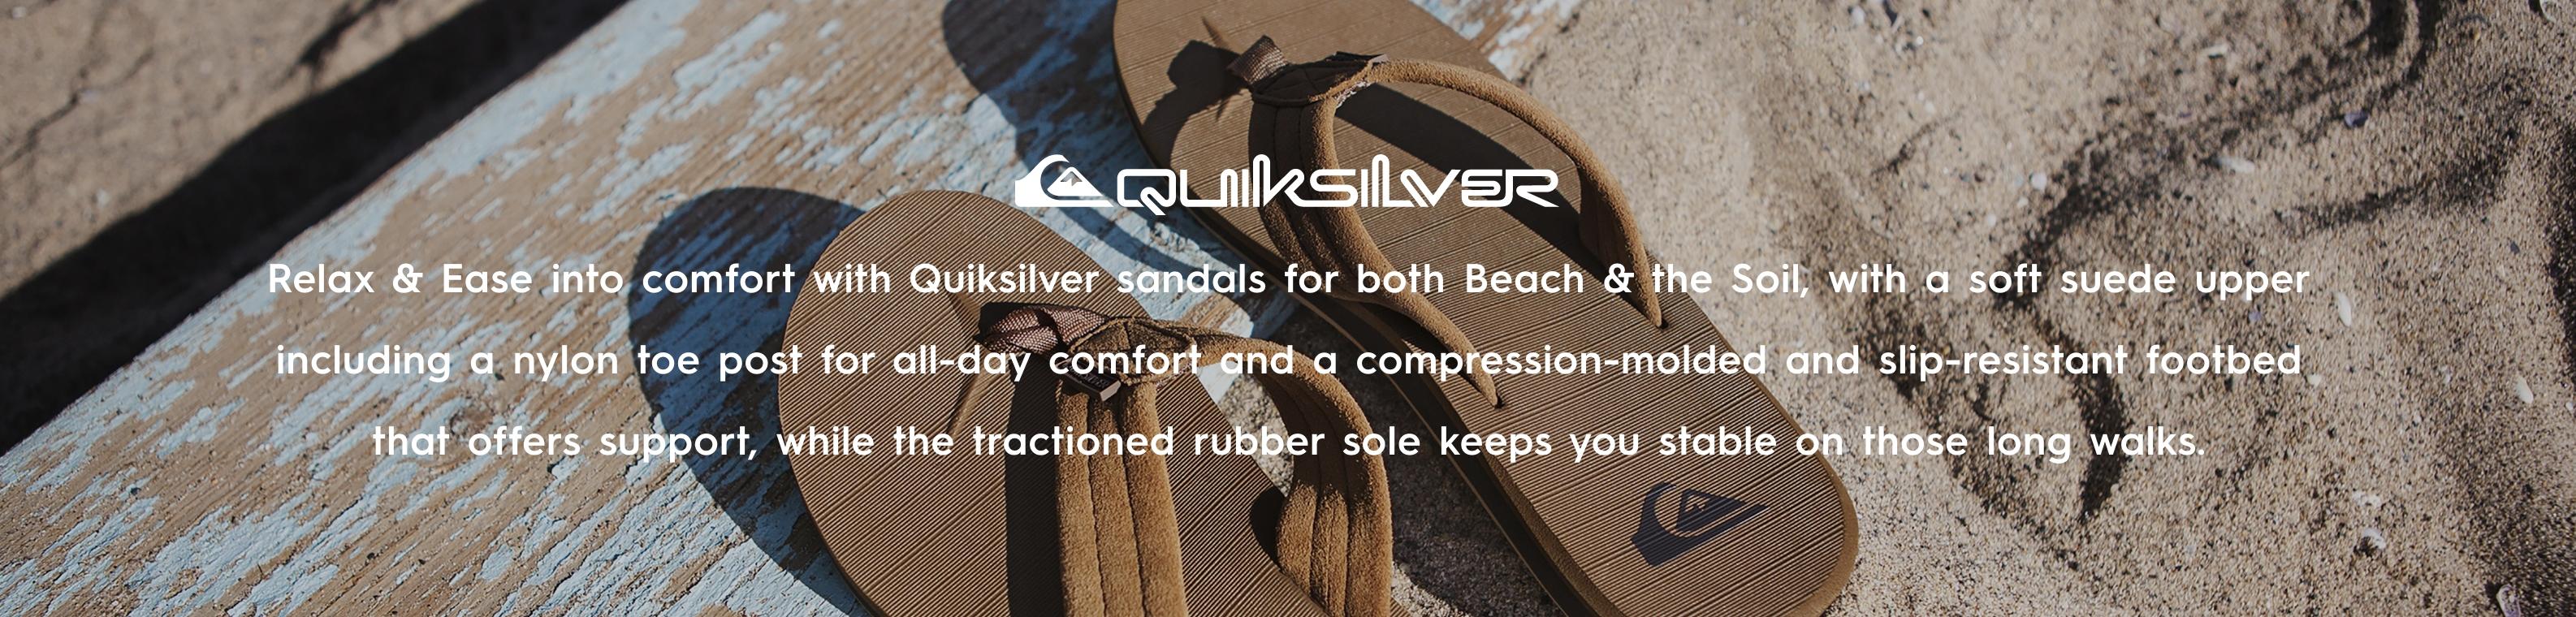 Quiksilver brand header image